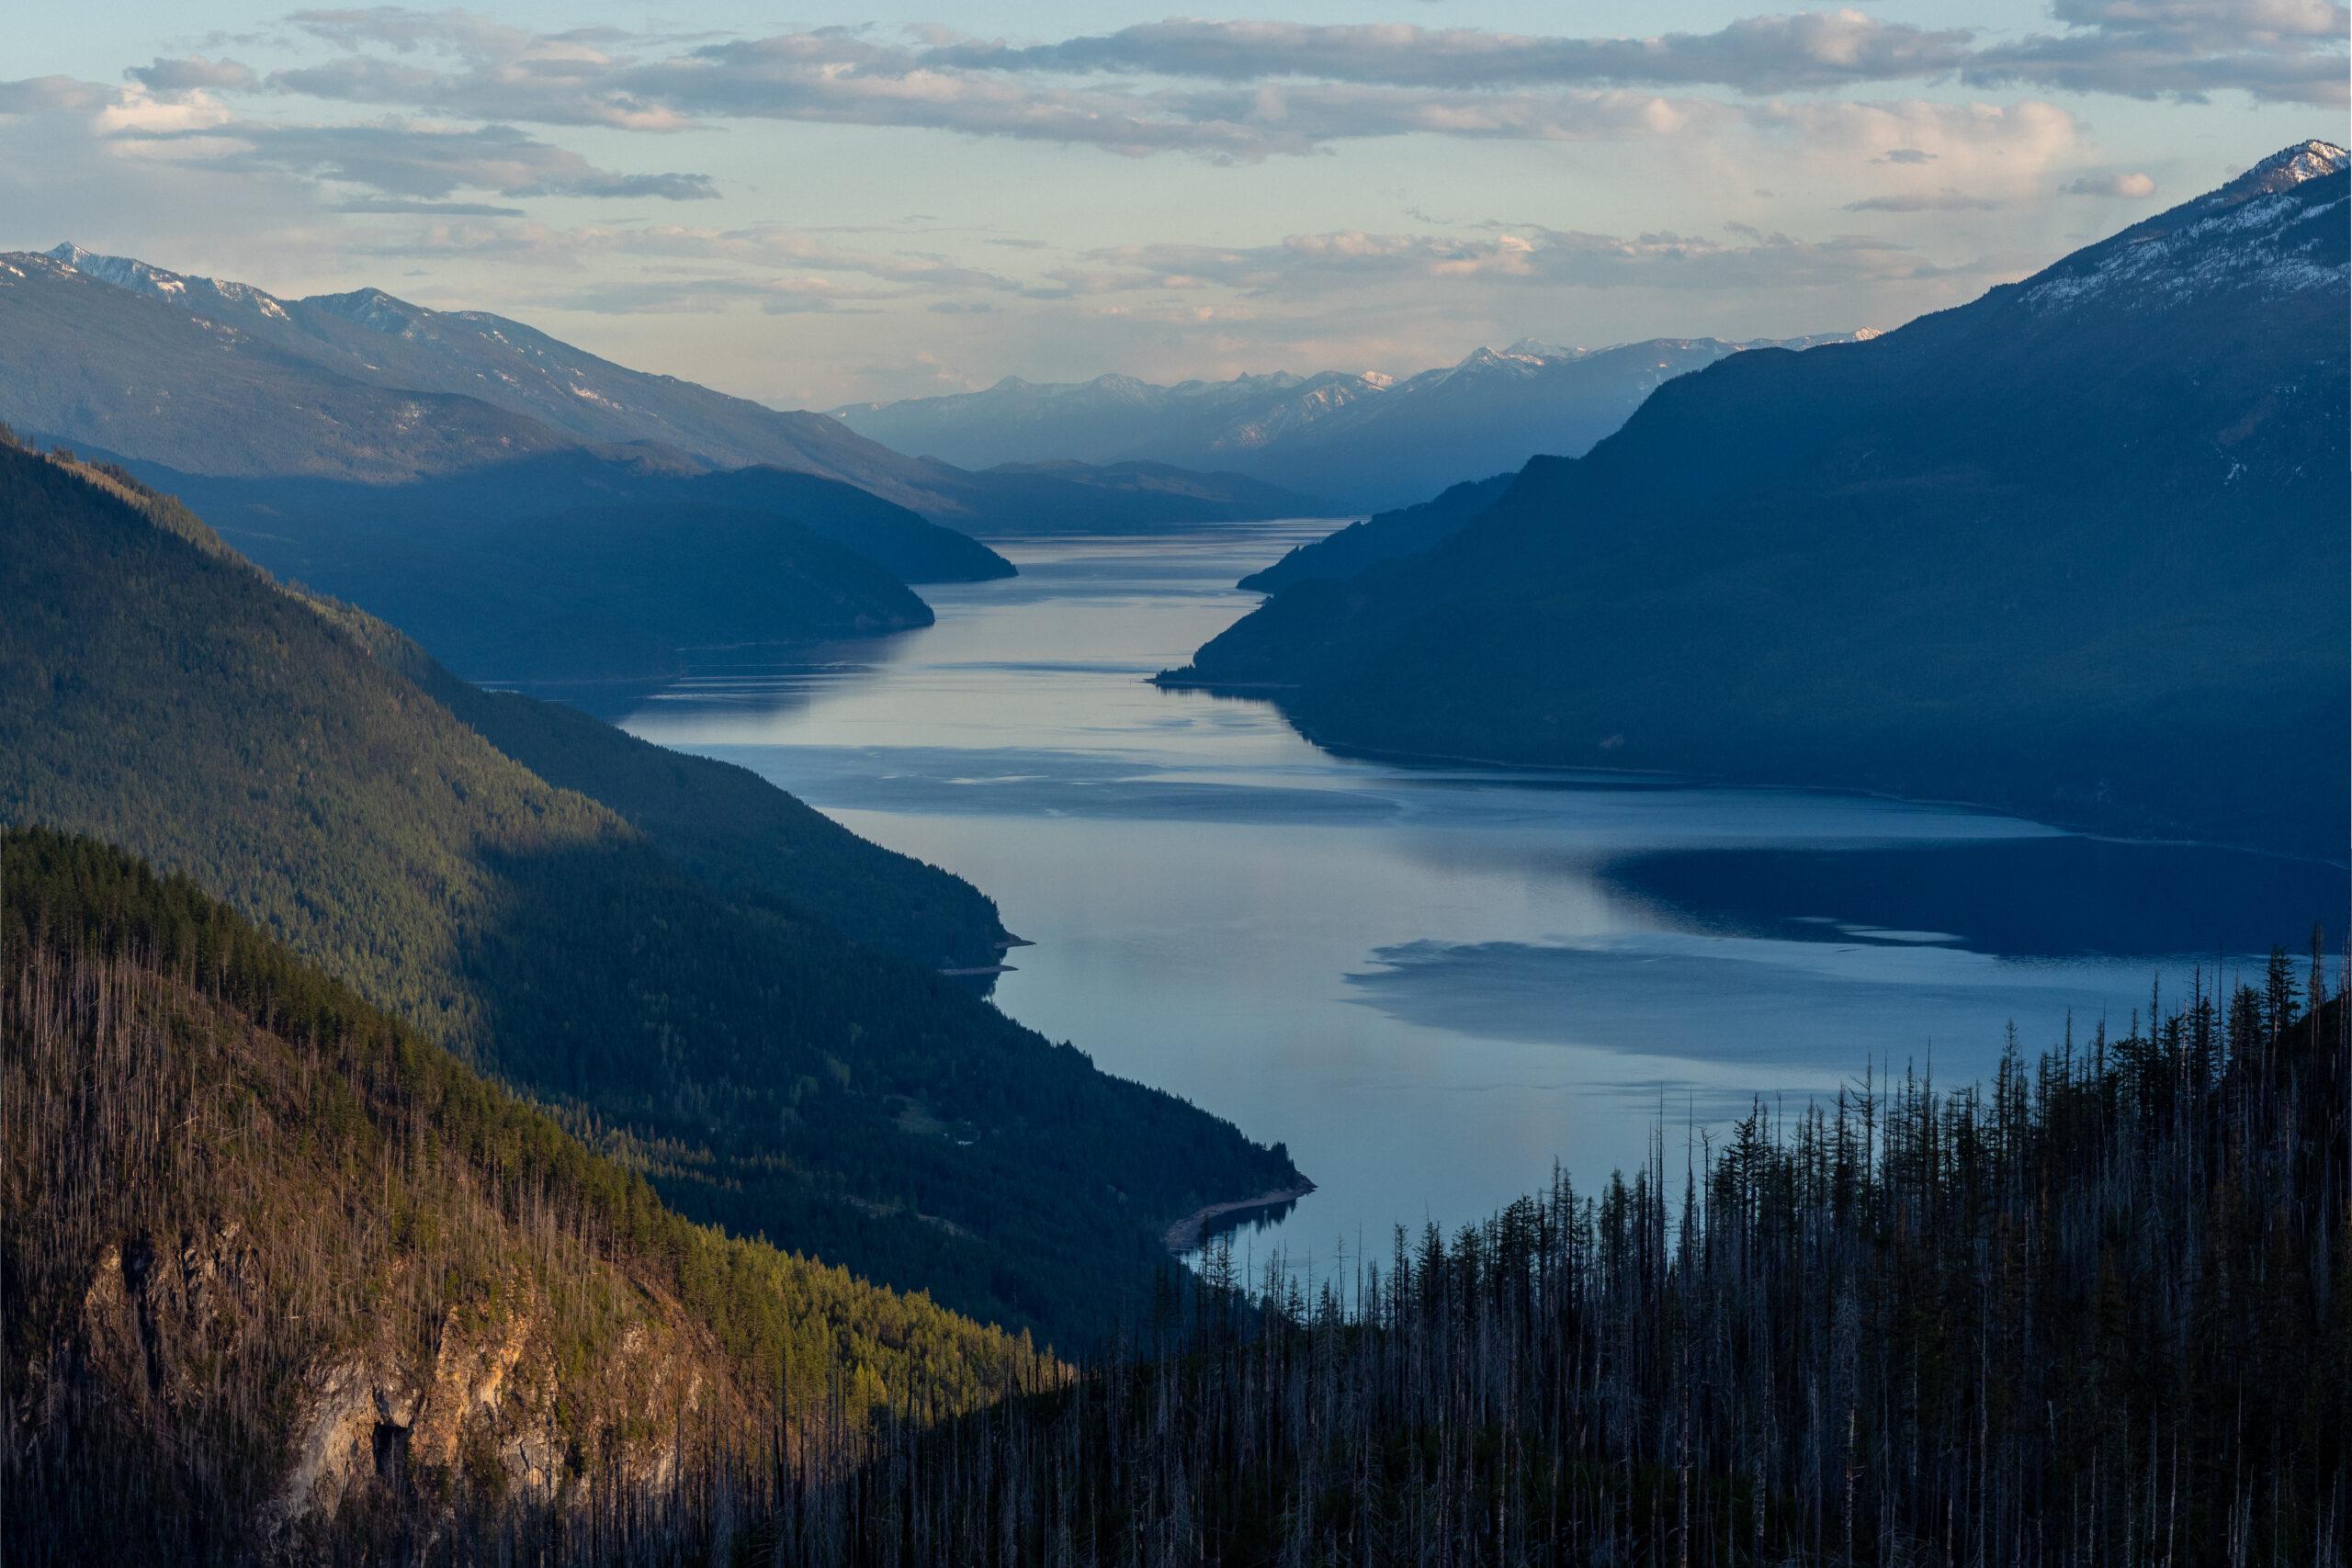 AJLParkProposal_LouisBockner Purcell Wilderness-TheNarwhal-